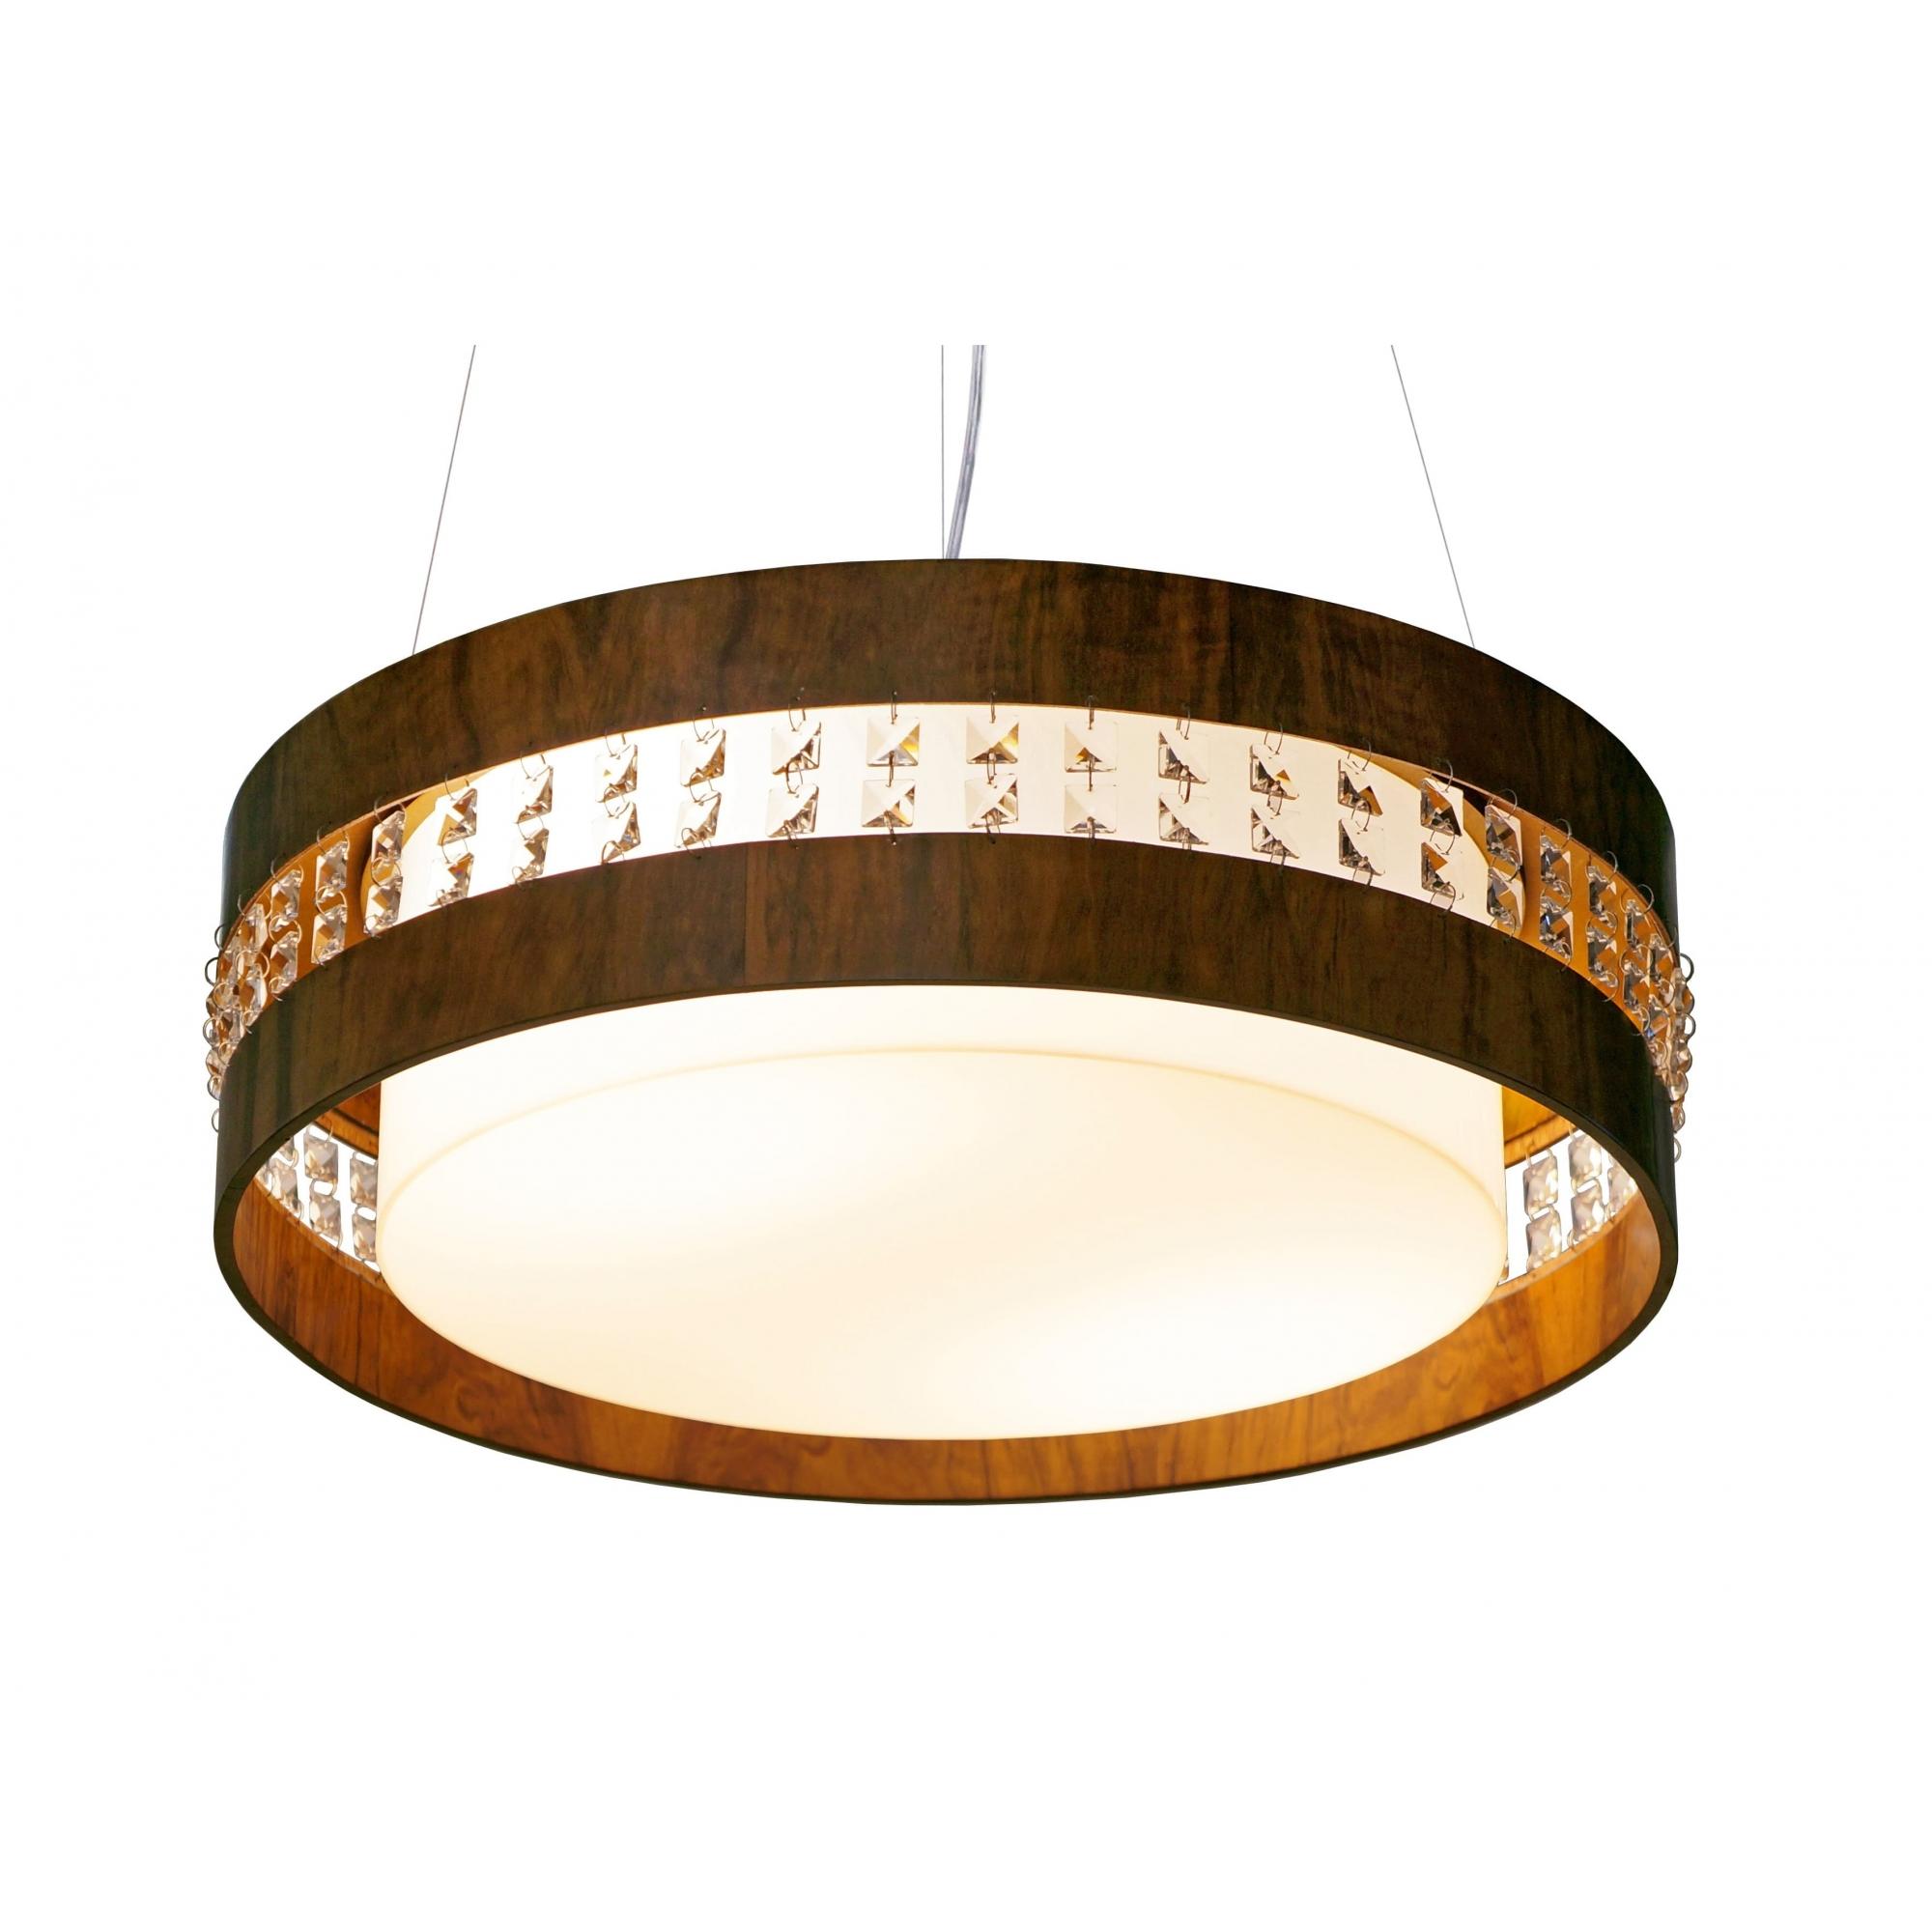 Pendente Circular Horizontal Com Cristais Em Madeira  Ø60x15cm 4xE27 Bivolt Union Iluminação 239